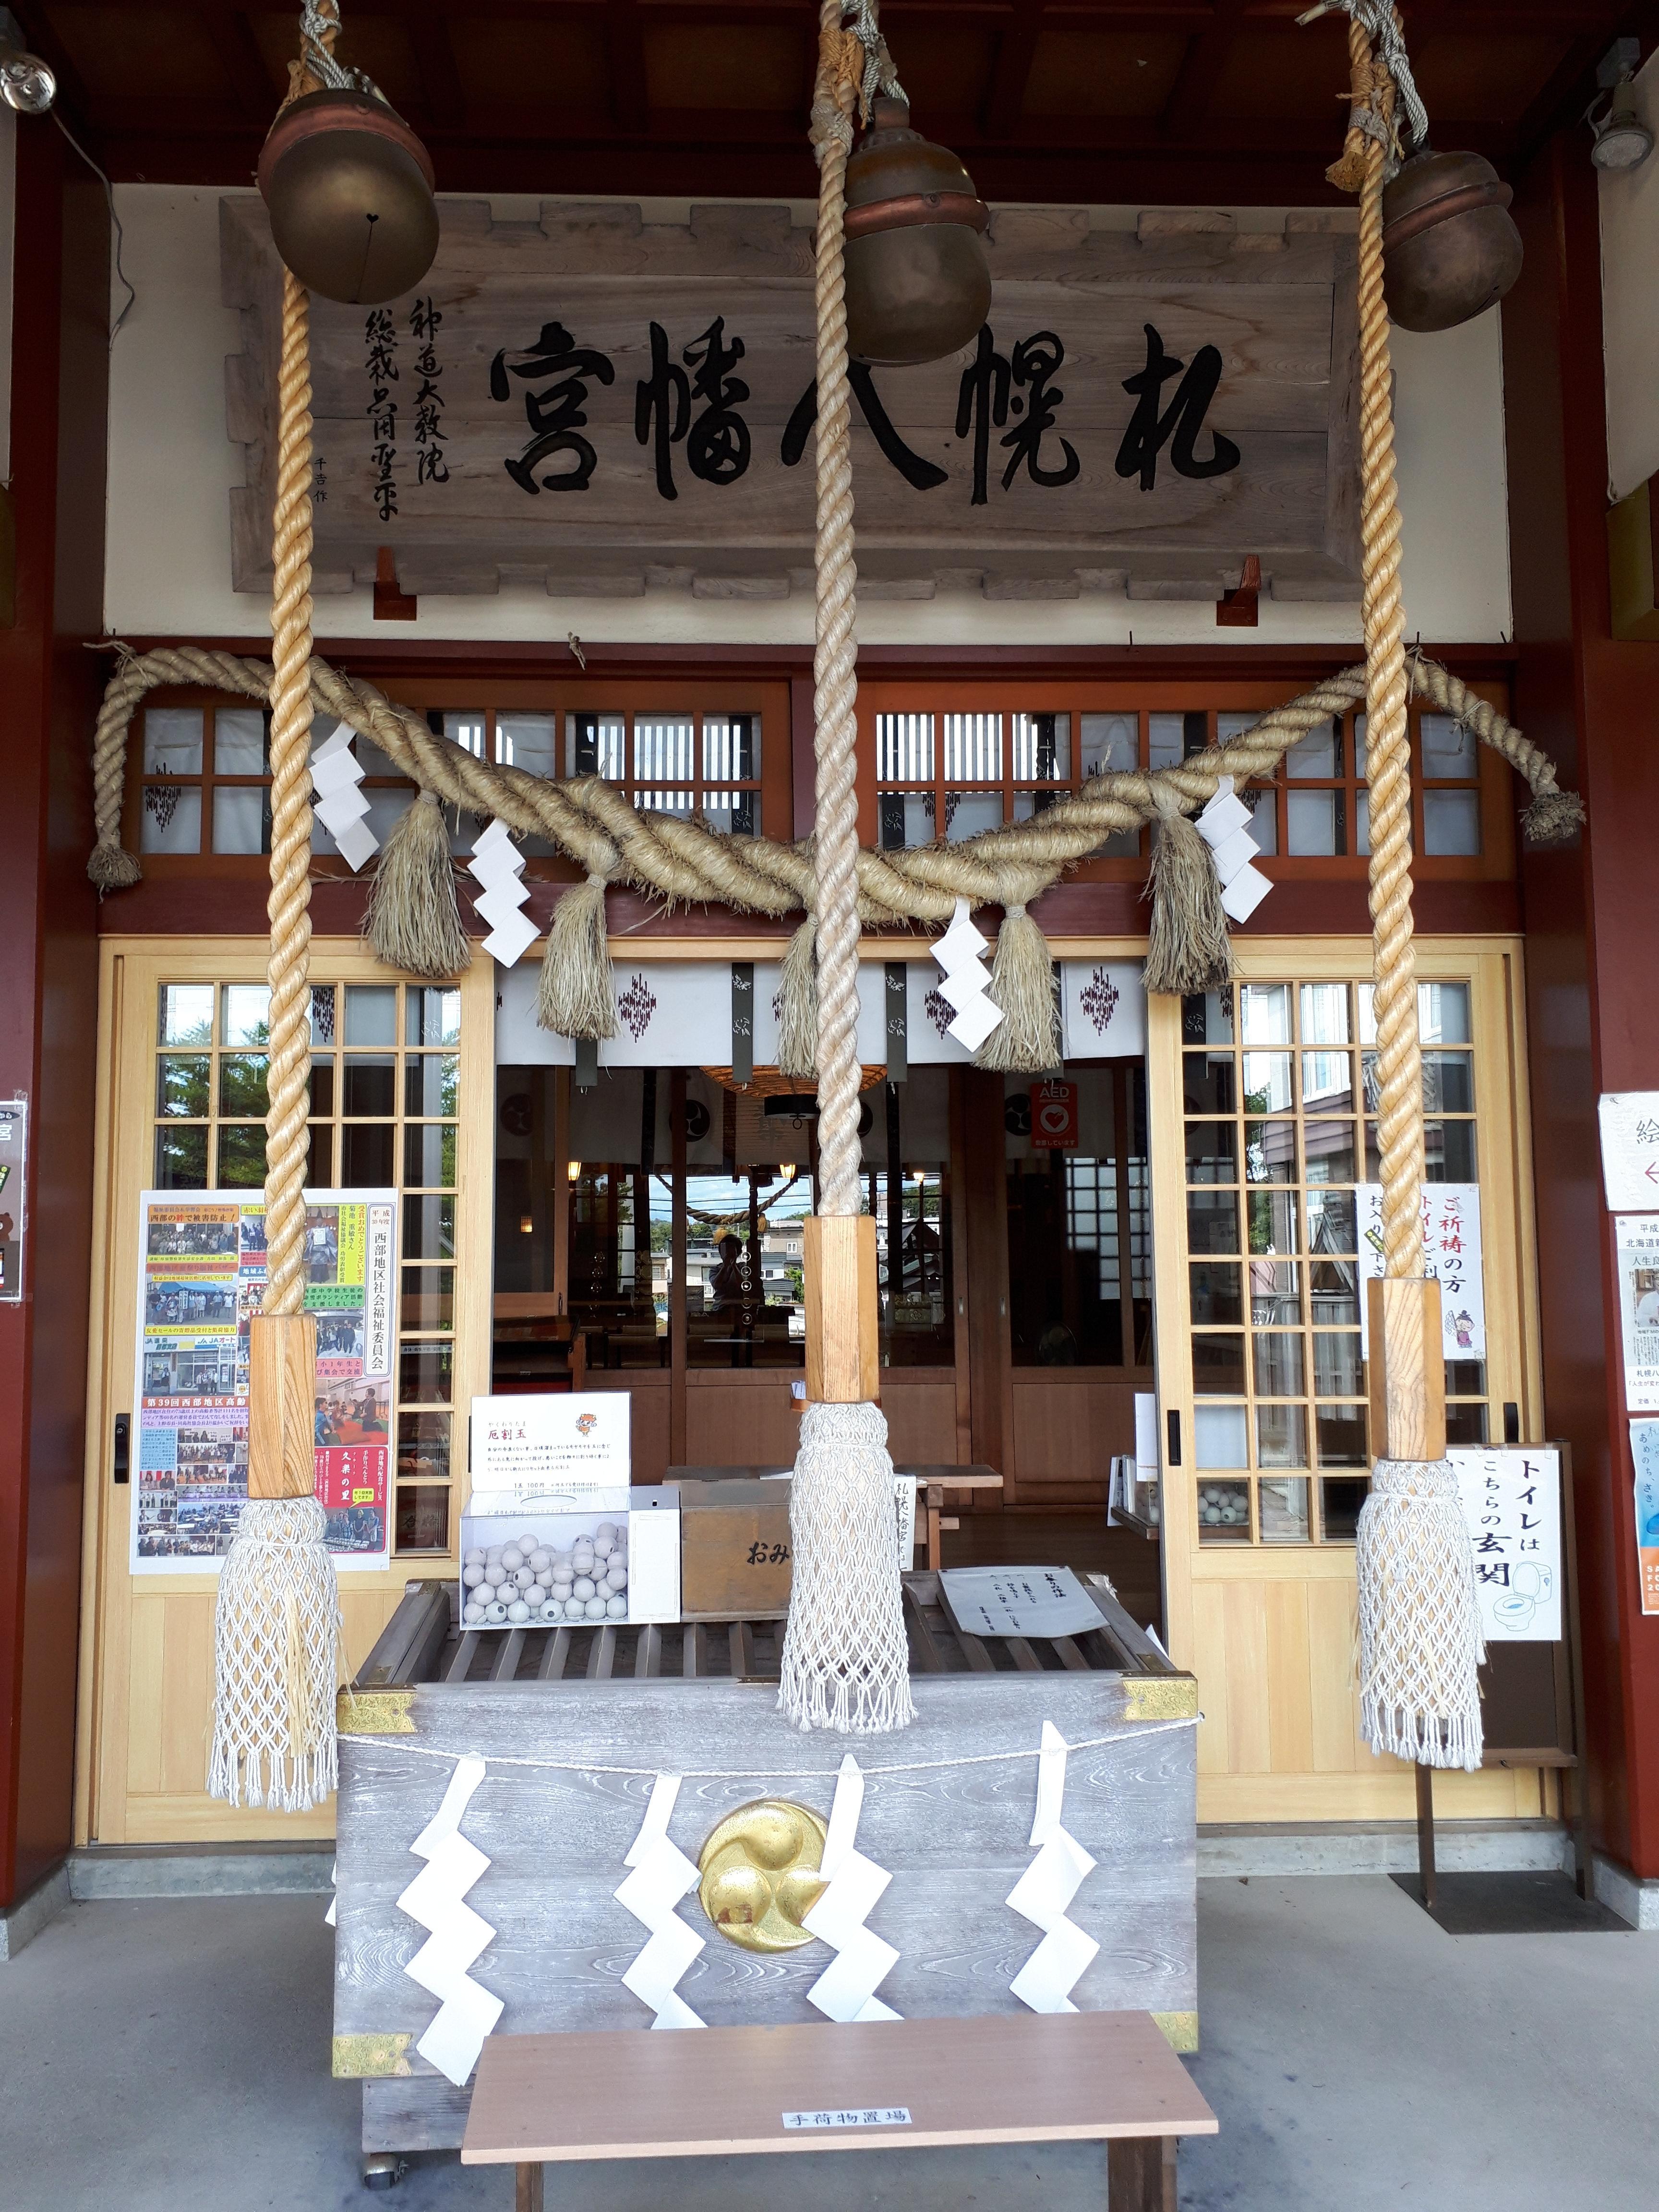 札幌八幡宮の本殿